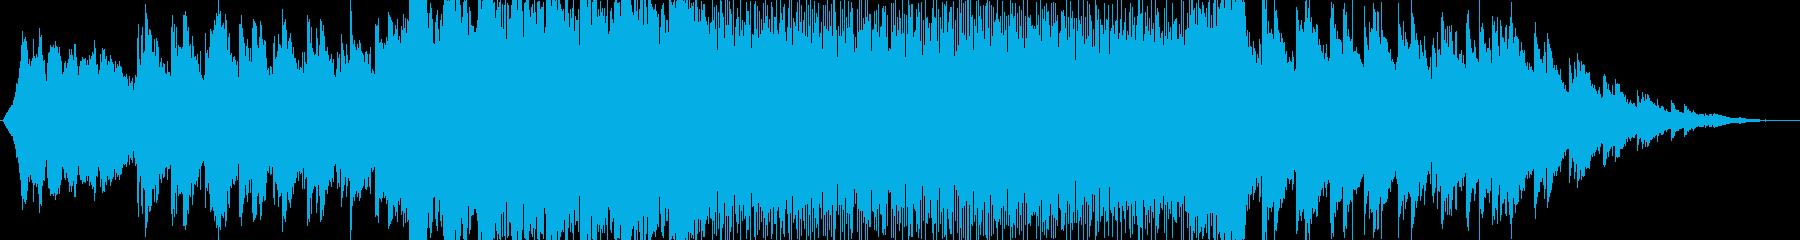 クルマCMのような壮大で躍動的な楽曲の再生済みの波形